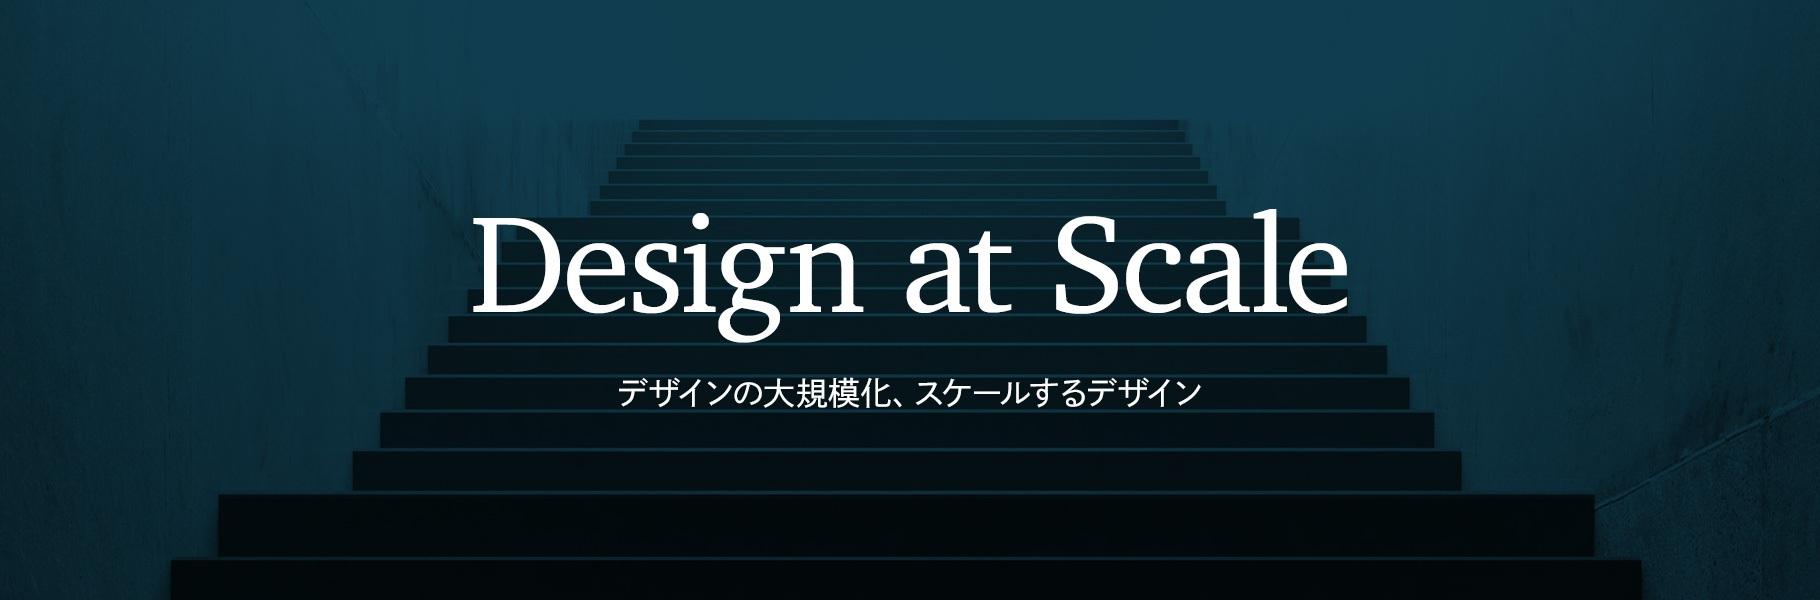 Design at Scale - デザインの大規模化、スケールするデザイン